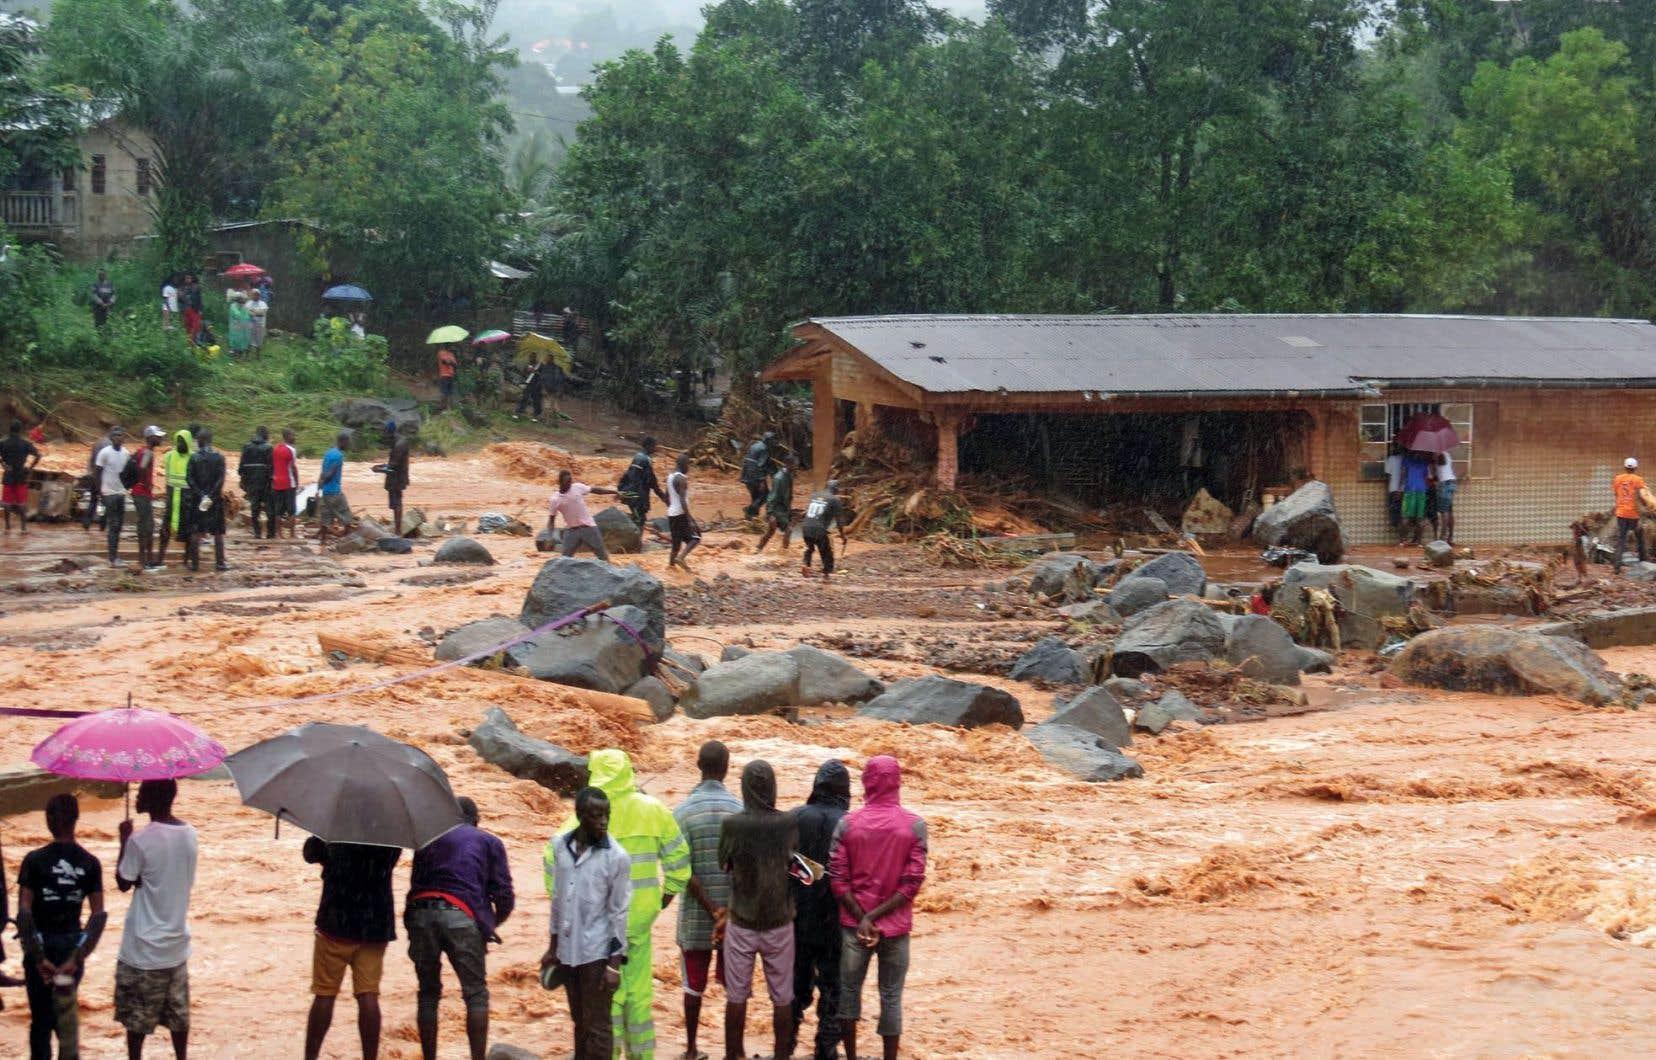 Des maisons ont été submergées par des coulées de boue dans deux quartiers de Freetown, où des rues ont été envahies par des rivières en crue.